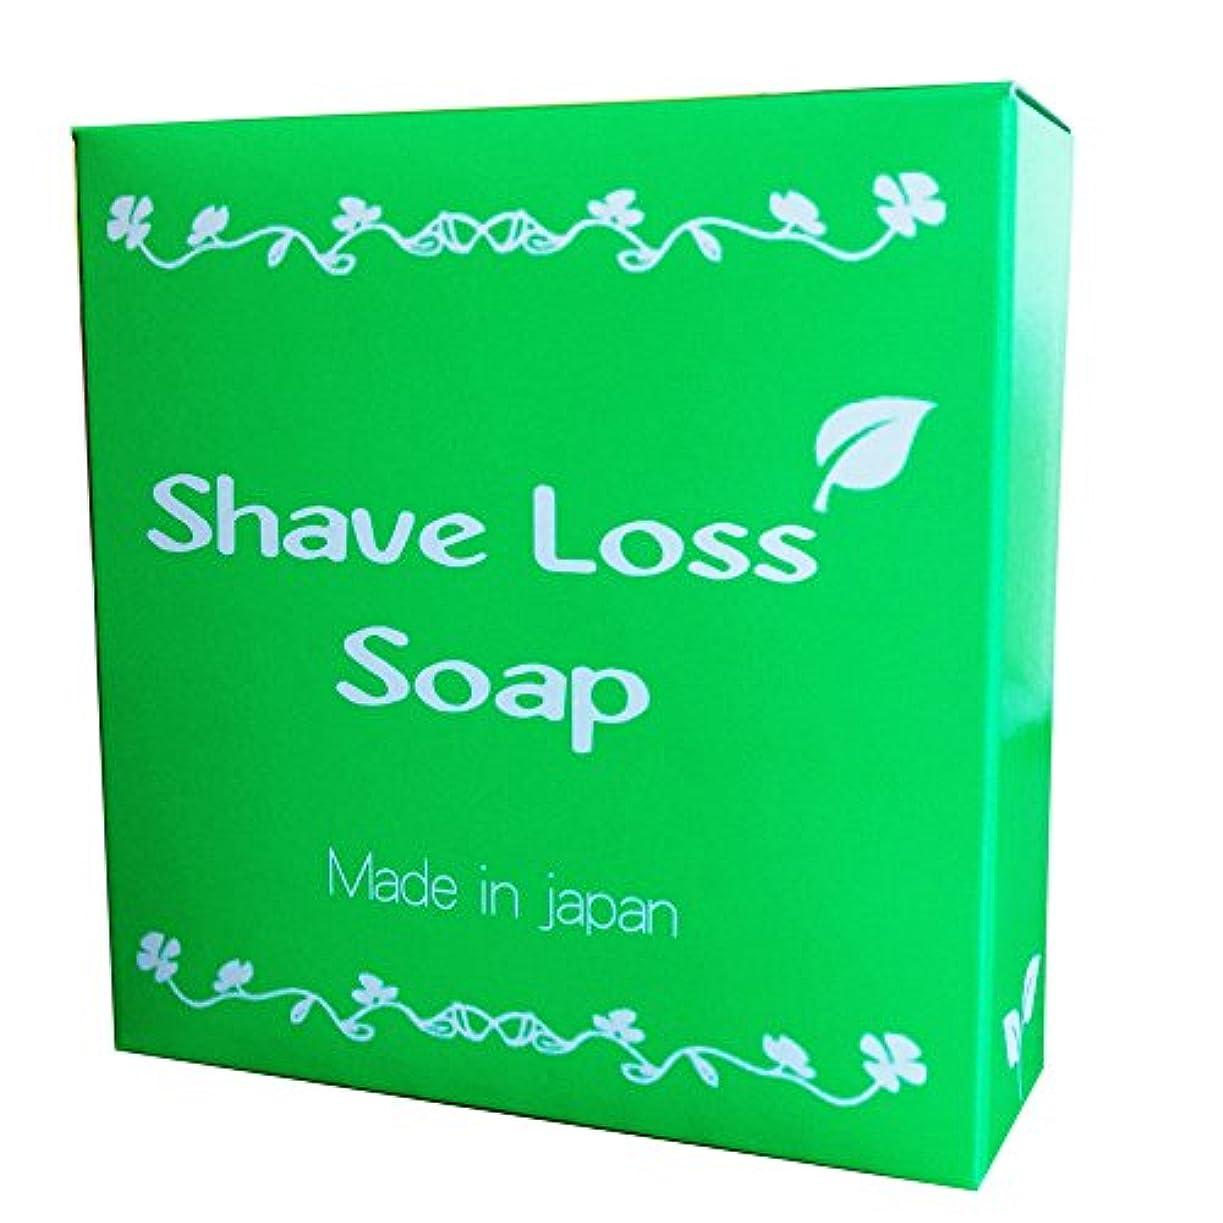 コンプライアンス廊下電気技師Shave Loss Soap 女性のツルツルを叶える 奇跡の石鹸 80g (1個)